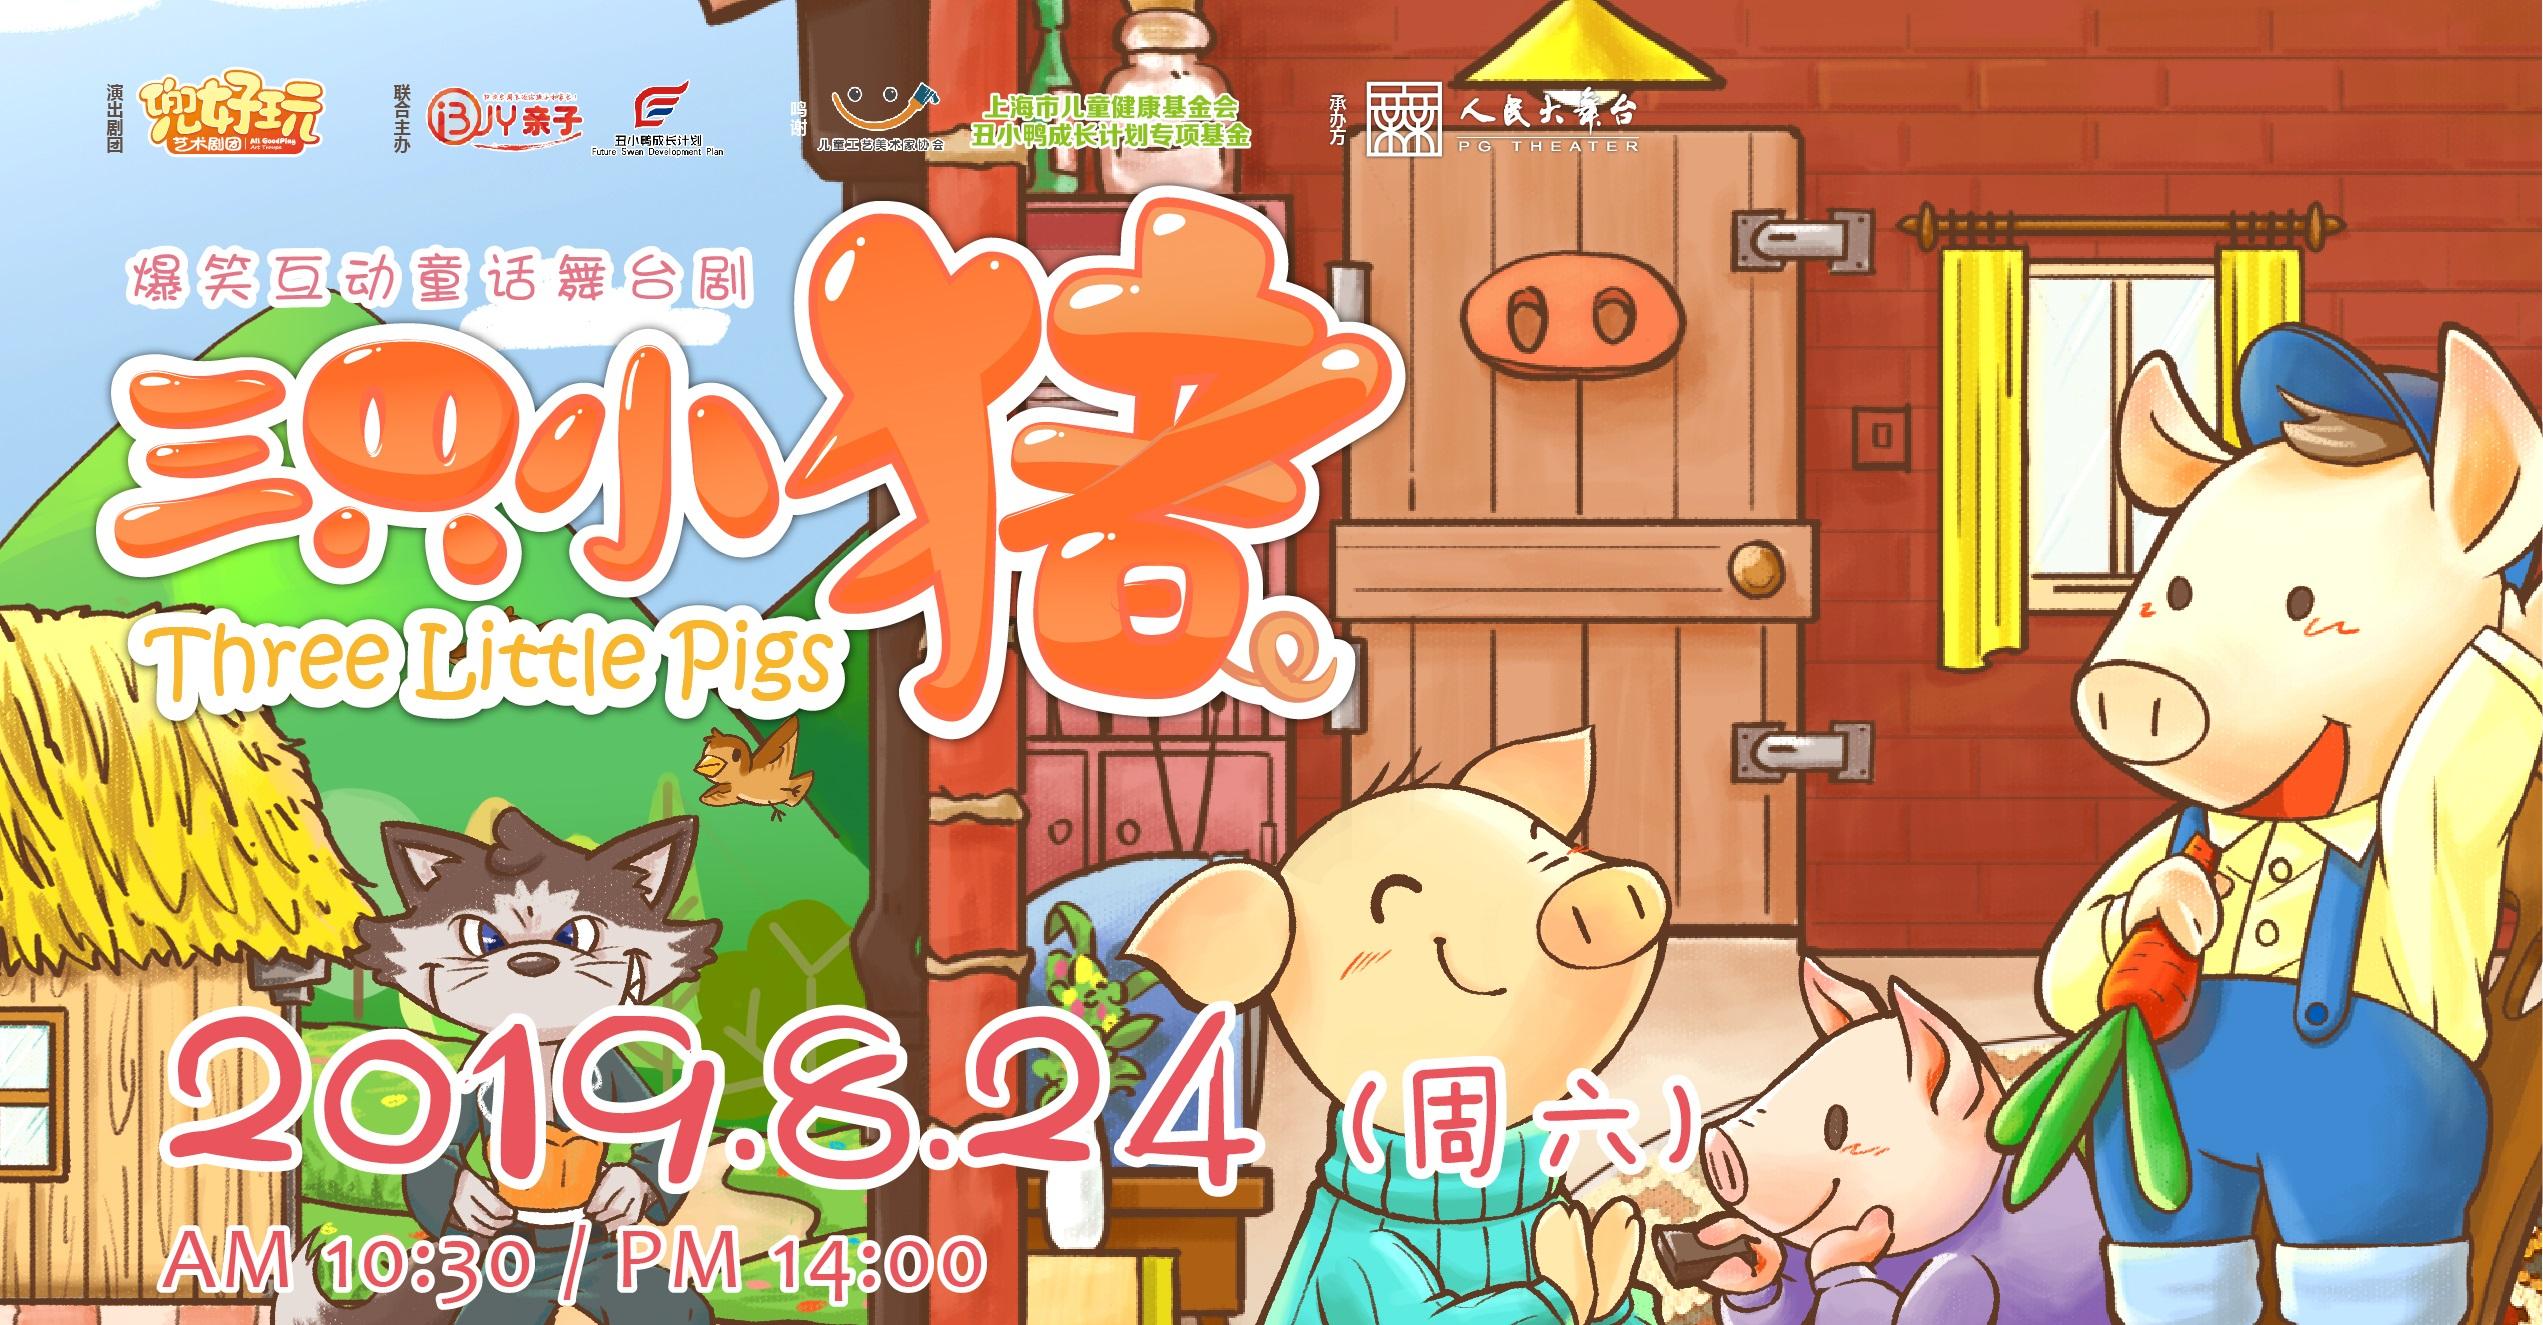 童话舞台剧《三只小猪 Three Little Pigs》上海站